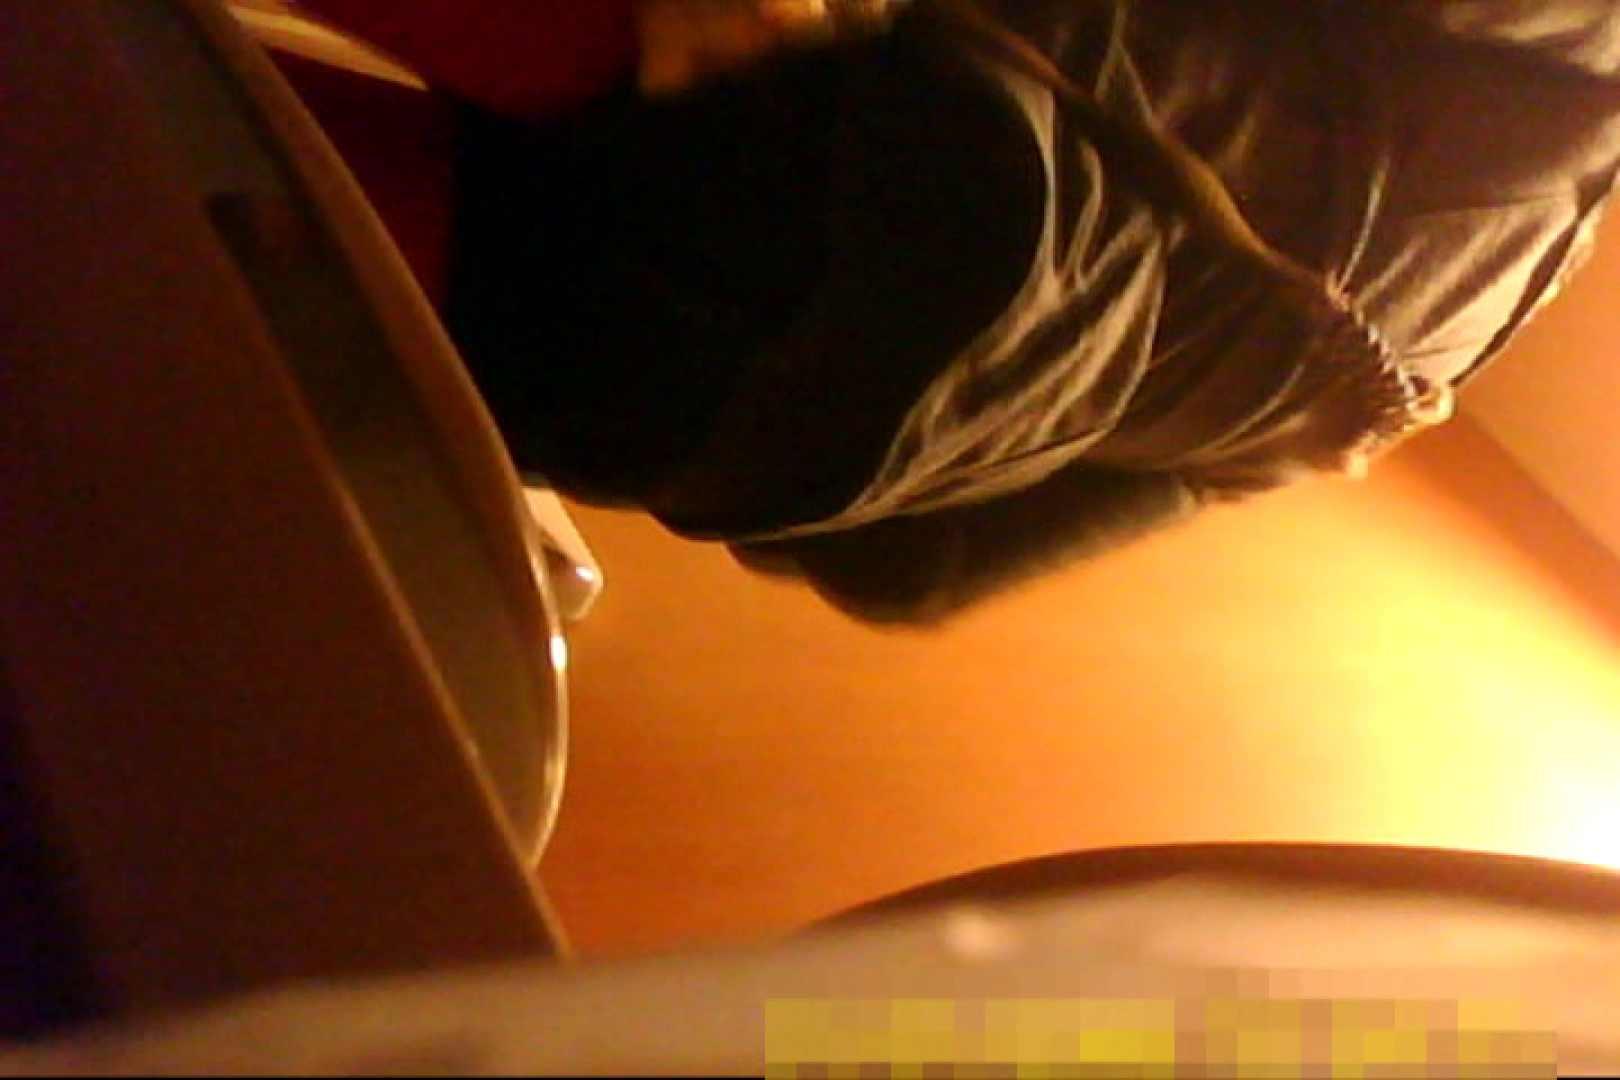 魅惑の化粧室~禁断のプライベート空間~vol.7 プライベート   独身エッチOL  89pic 15